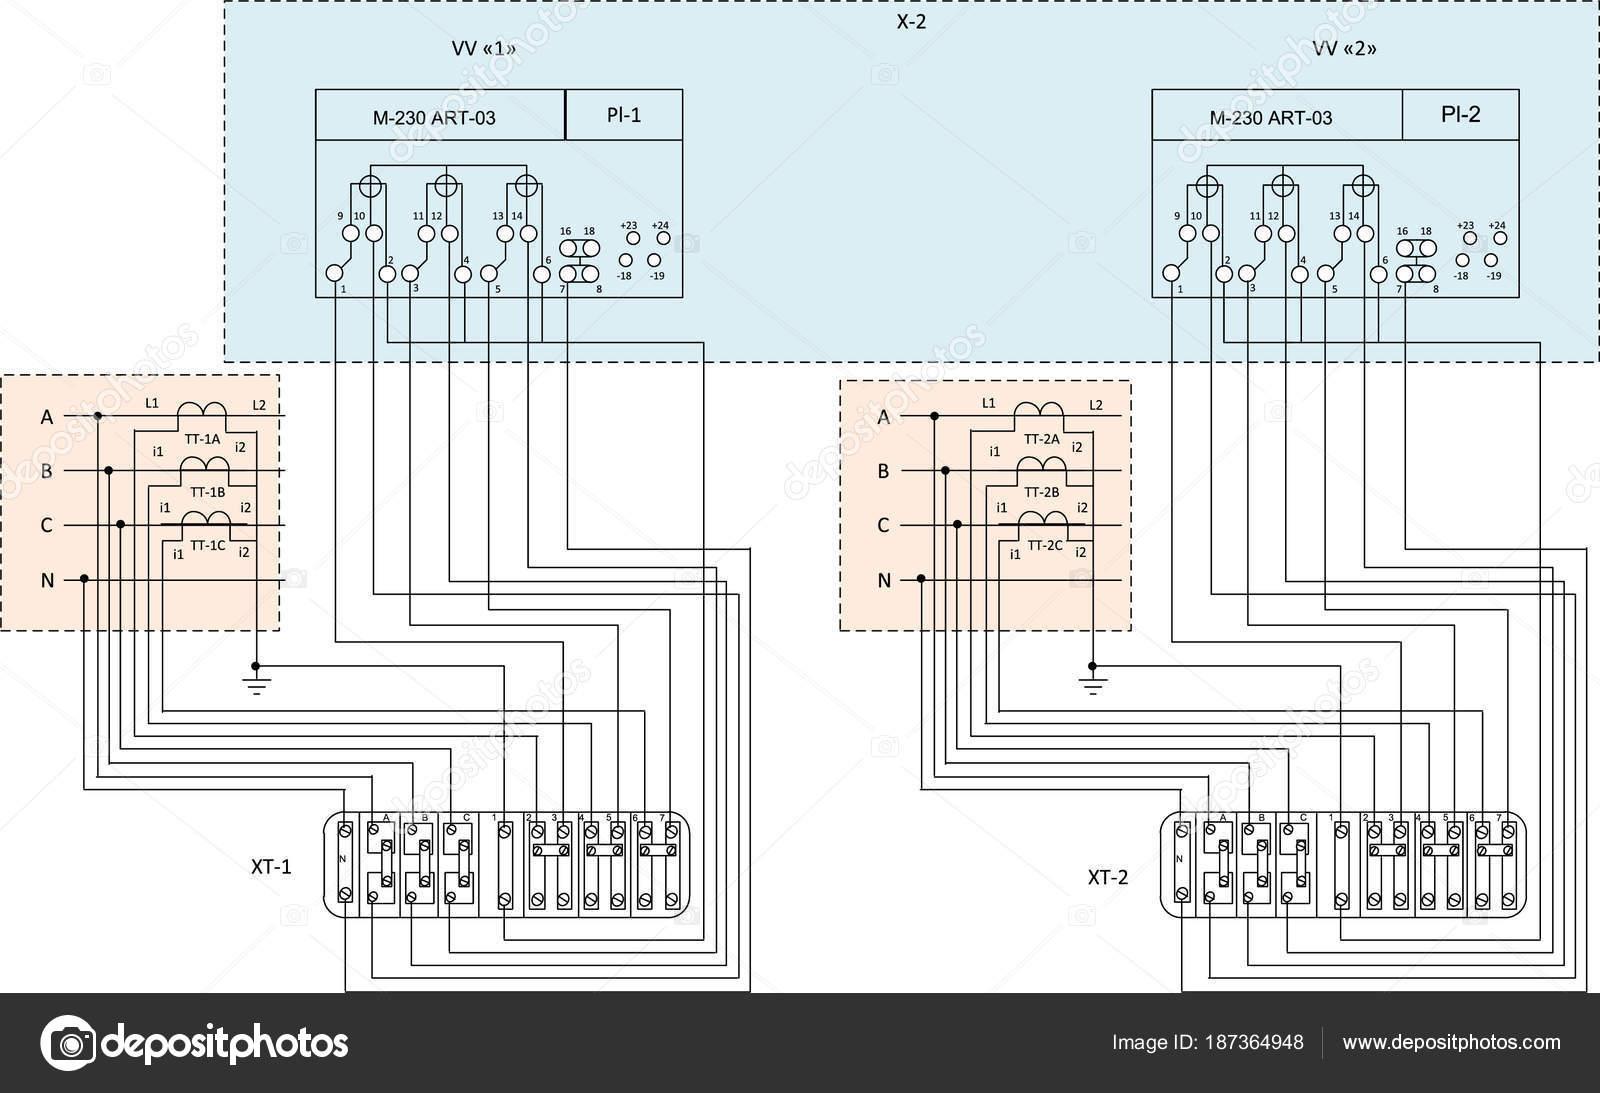 Elektrischer Schaltplan Mit Energiezähler — Stockvektor © MCircle ...